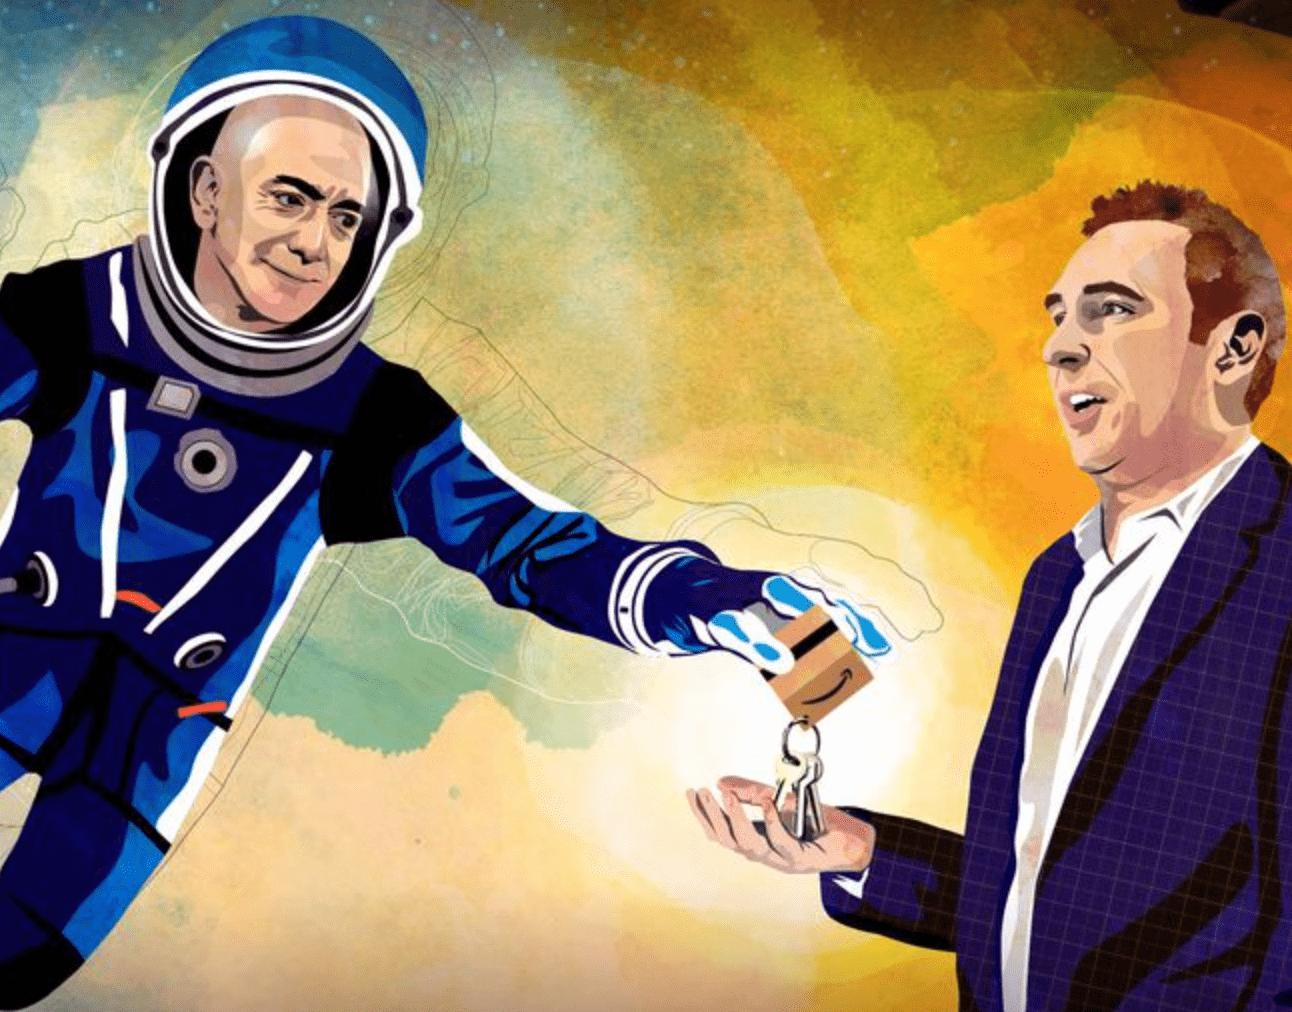 世界首富贝索斯卸任亚马逊CEO去遨游太空?接棒者追随24年,任前拿2亿美金股票